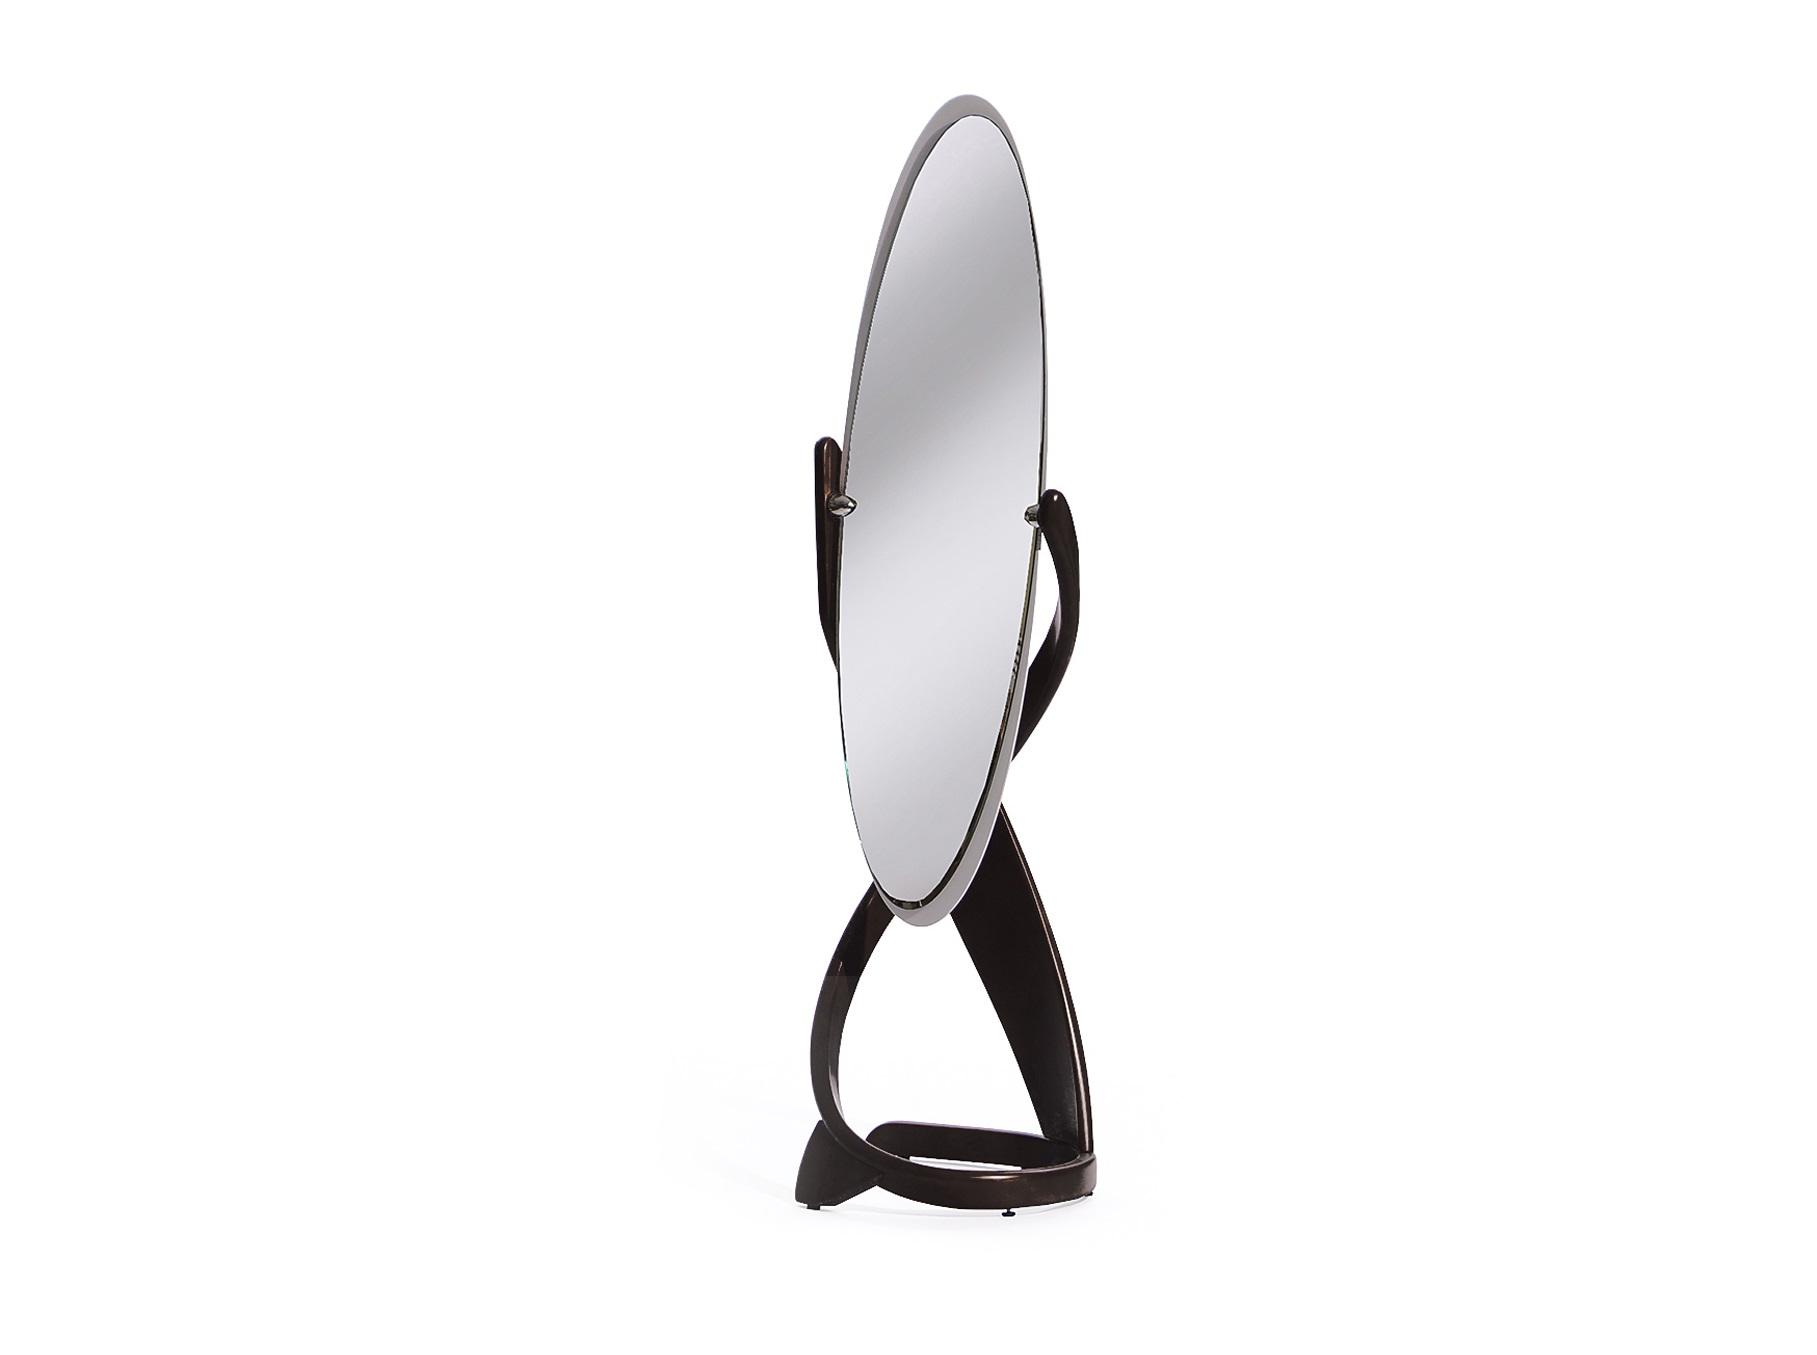 """Зеркало напольное VirtuosНапольные зеркала<br>&amp;lt;div&amp;gt;Напольное зеркало , дизайнерский предмет интерьера .&amp;amp;nbsp;&amp;lt;/div&amp;gt;&amp;lt;div&amp;gt;Удачно подходит в спальную коллекции """"brazo""""&amp;lt;/div&amp;gt;&amp;lt;div&amp;gt;&amp;lt;br&amp;gt;&amp;lt;/div&amp;gt;&amp;lt;div&amp;gt;Мтериал: &amp;amp;nbsp;береза&amp;amp;nbsp;&amp;lt;/div&amp;gt;&amp;lt;div&amp;gt;Цвет: венге&amp;lt;/div&amp;gt;<br><br>Material: Береза<br>Length см: None<br>Width см: 45<br>Depth см: 45<br>Height см: 160<br>Diameter см: None"""